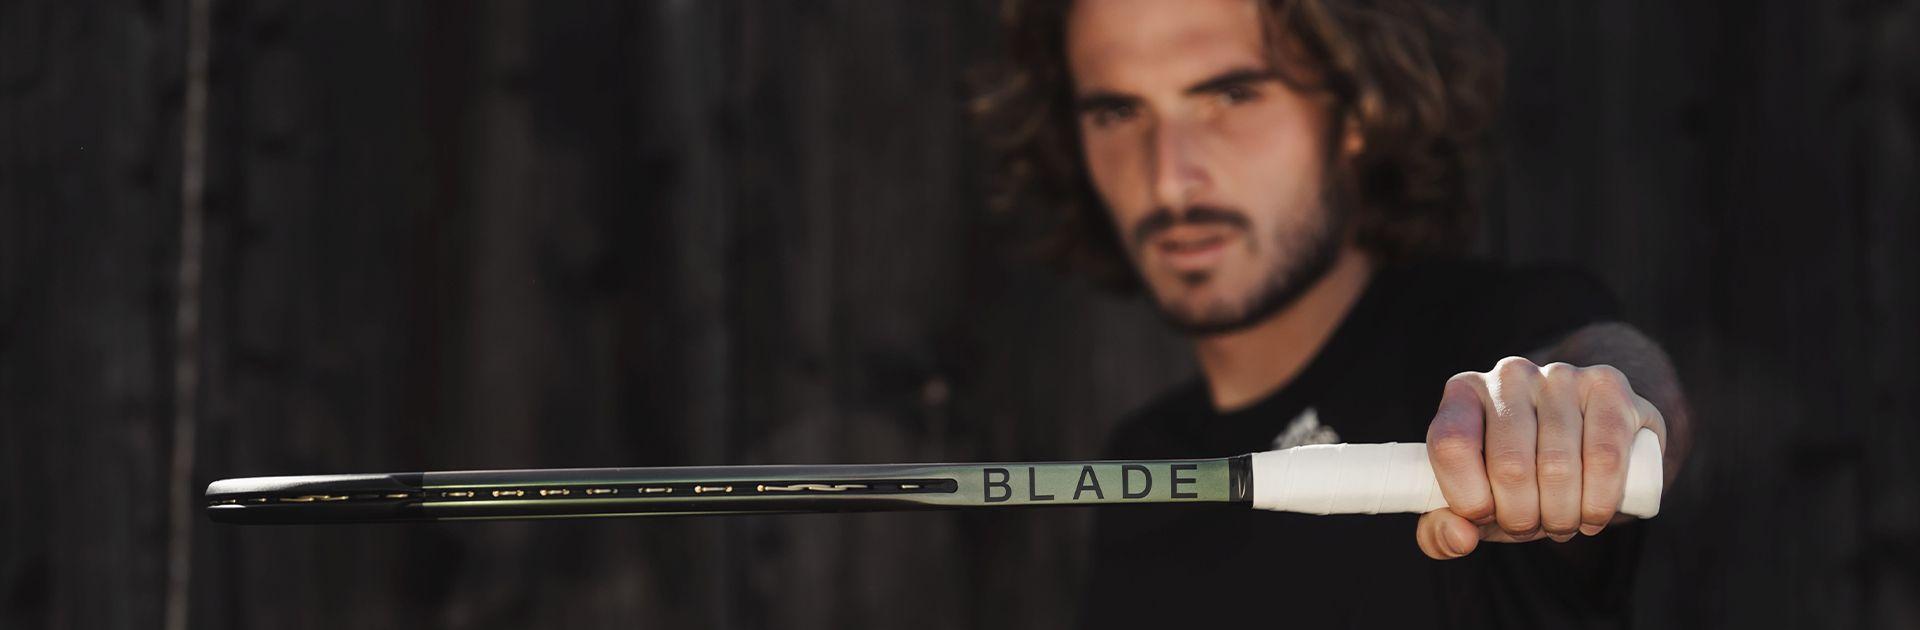 Wilson Blade v8 – Zurück zu den Wurzeln